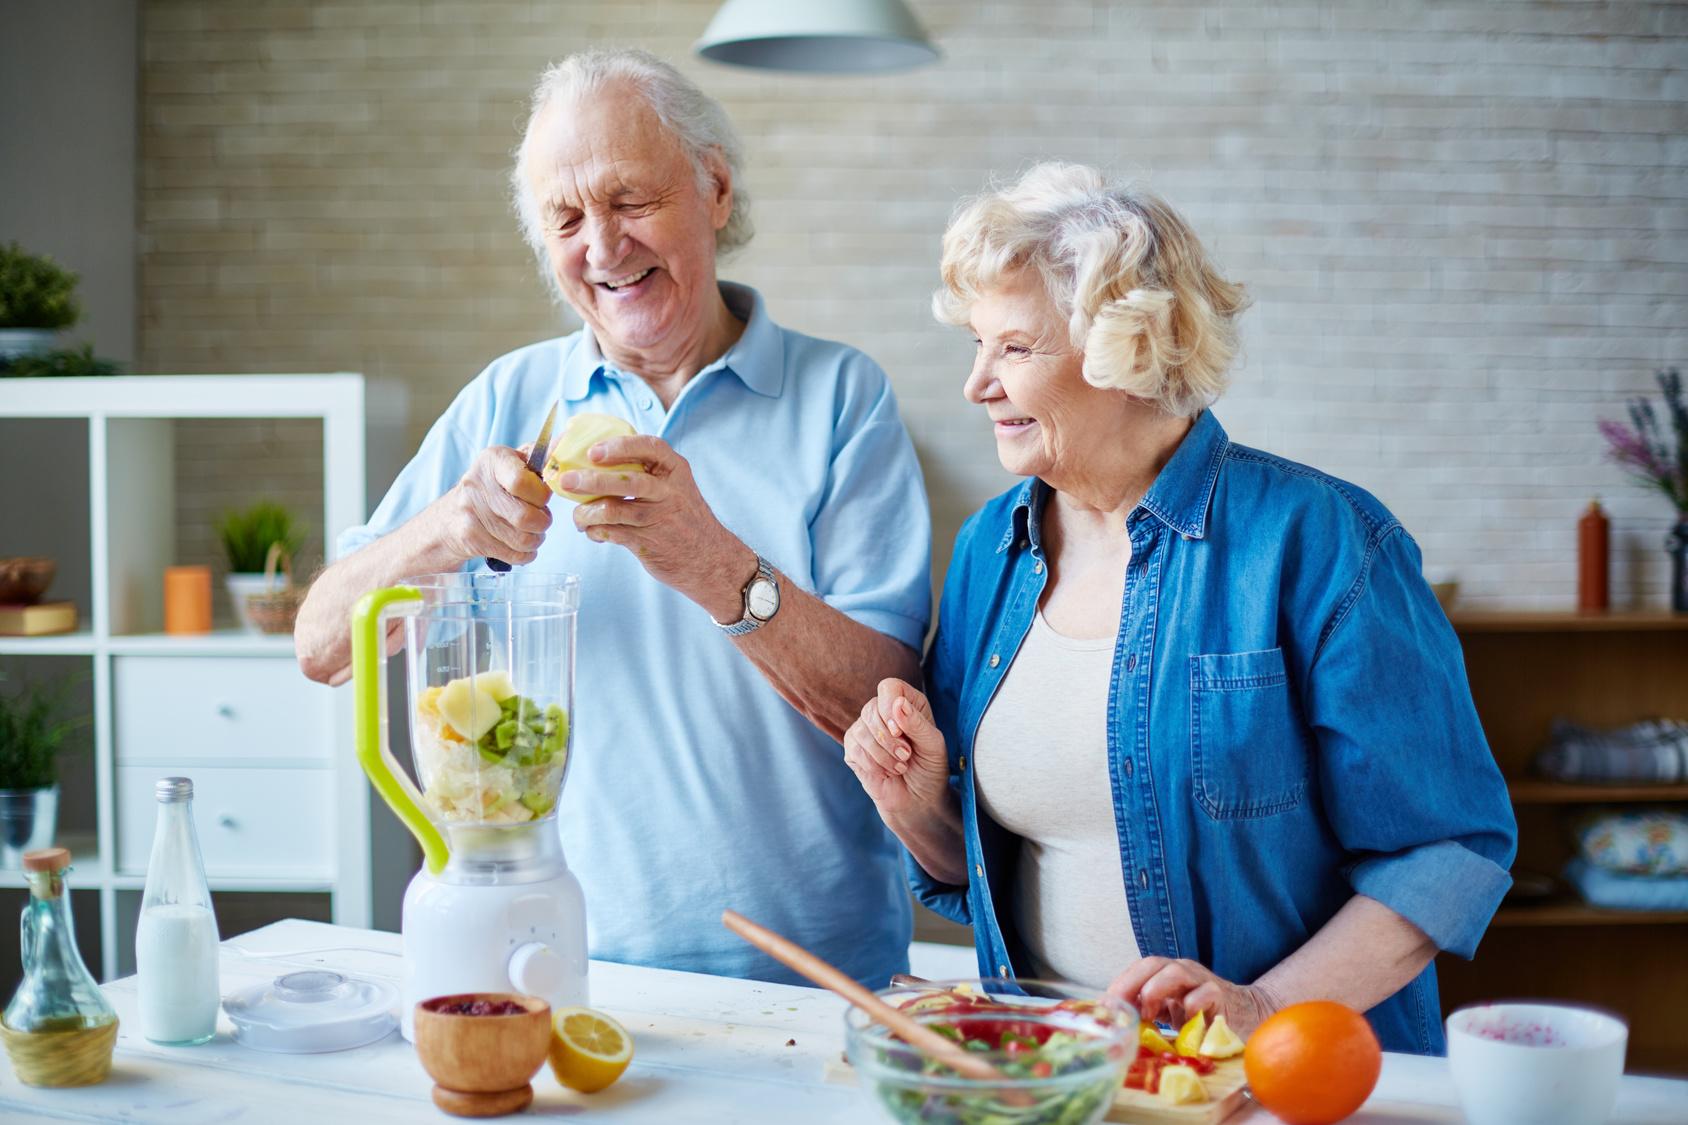 Oma - ich ernähre mich jetzt vegan!